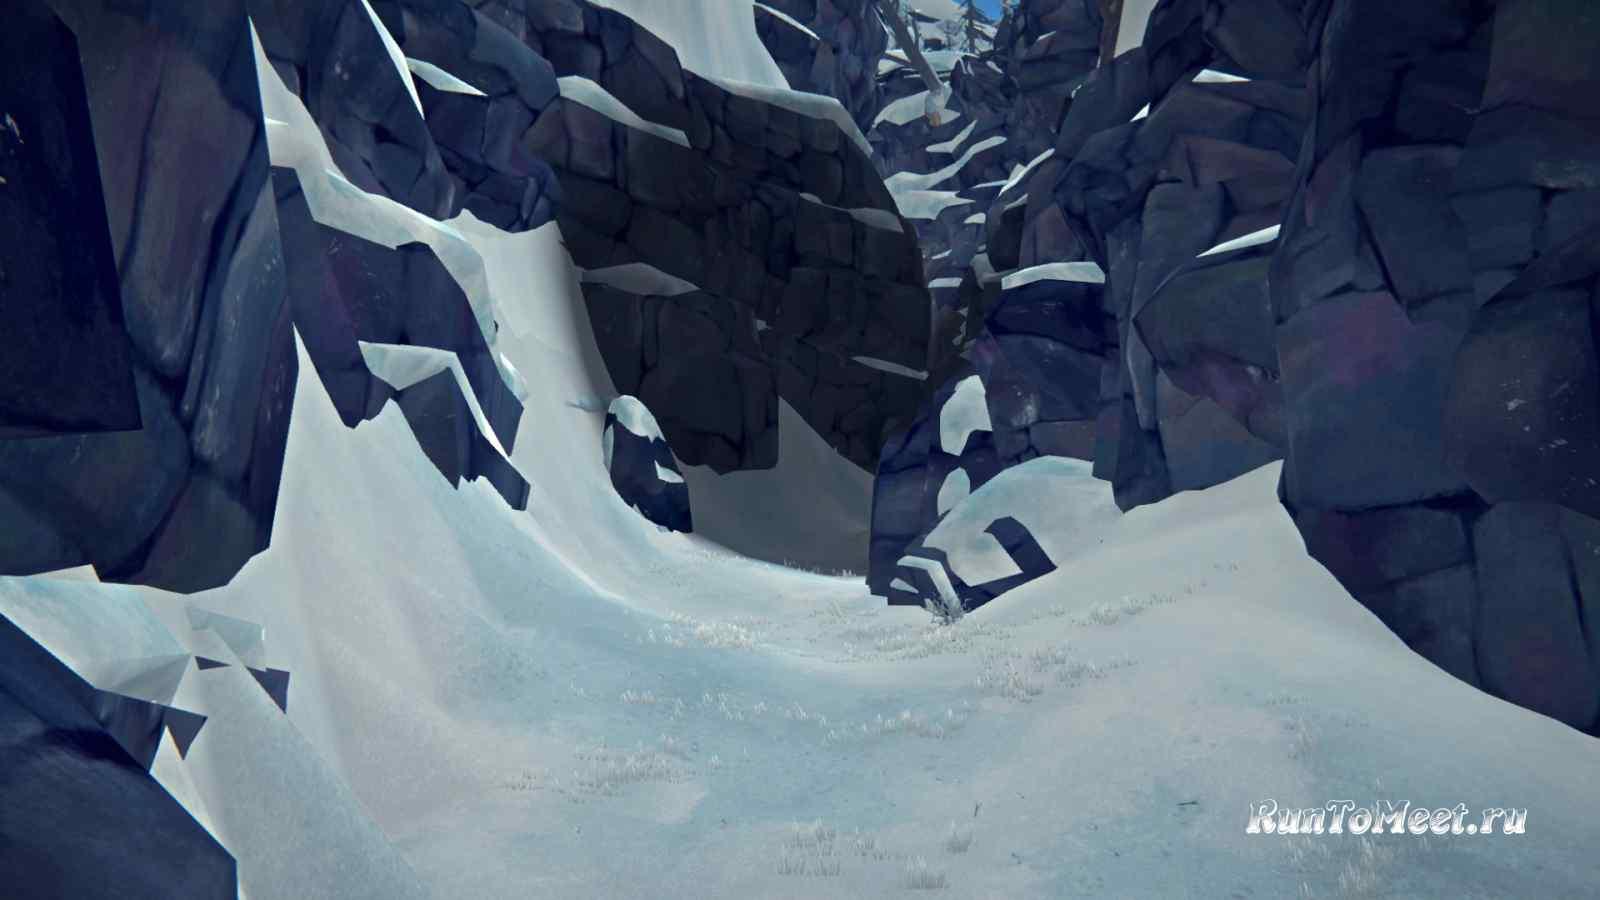 Ущелье Эхо на Волчьей горе, в игре The long dark